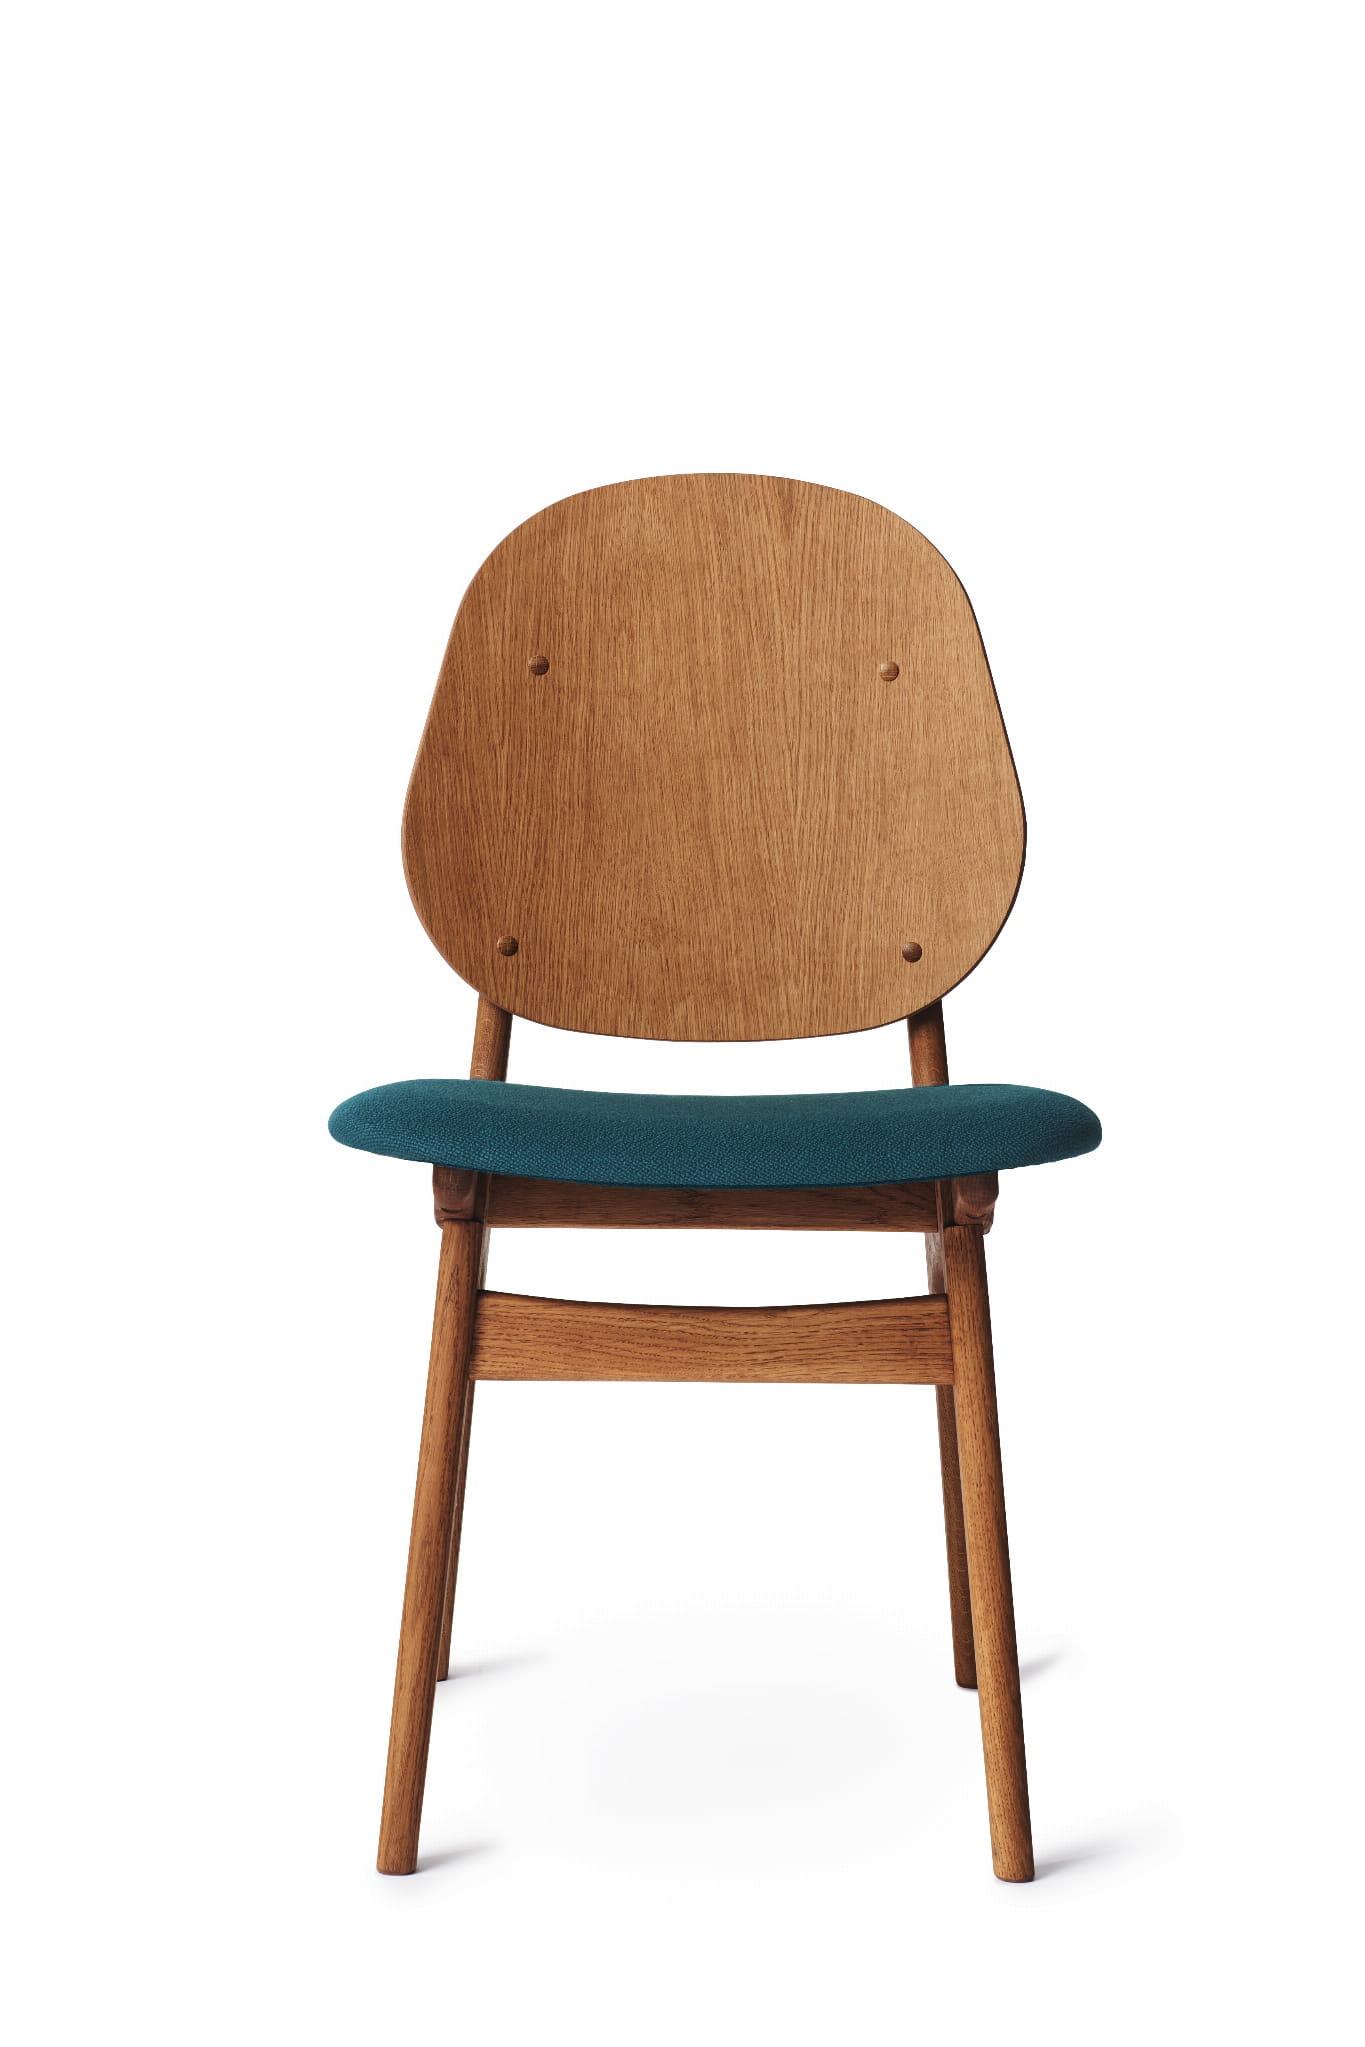 Duńskie krzesło Gesture Warm Nordic dąb olejowany